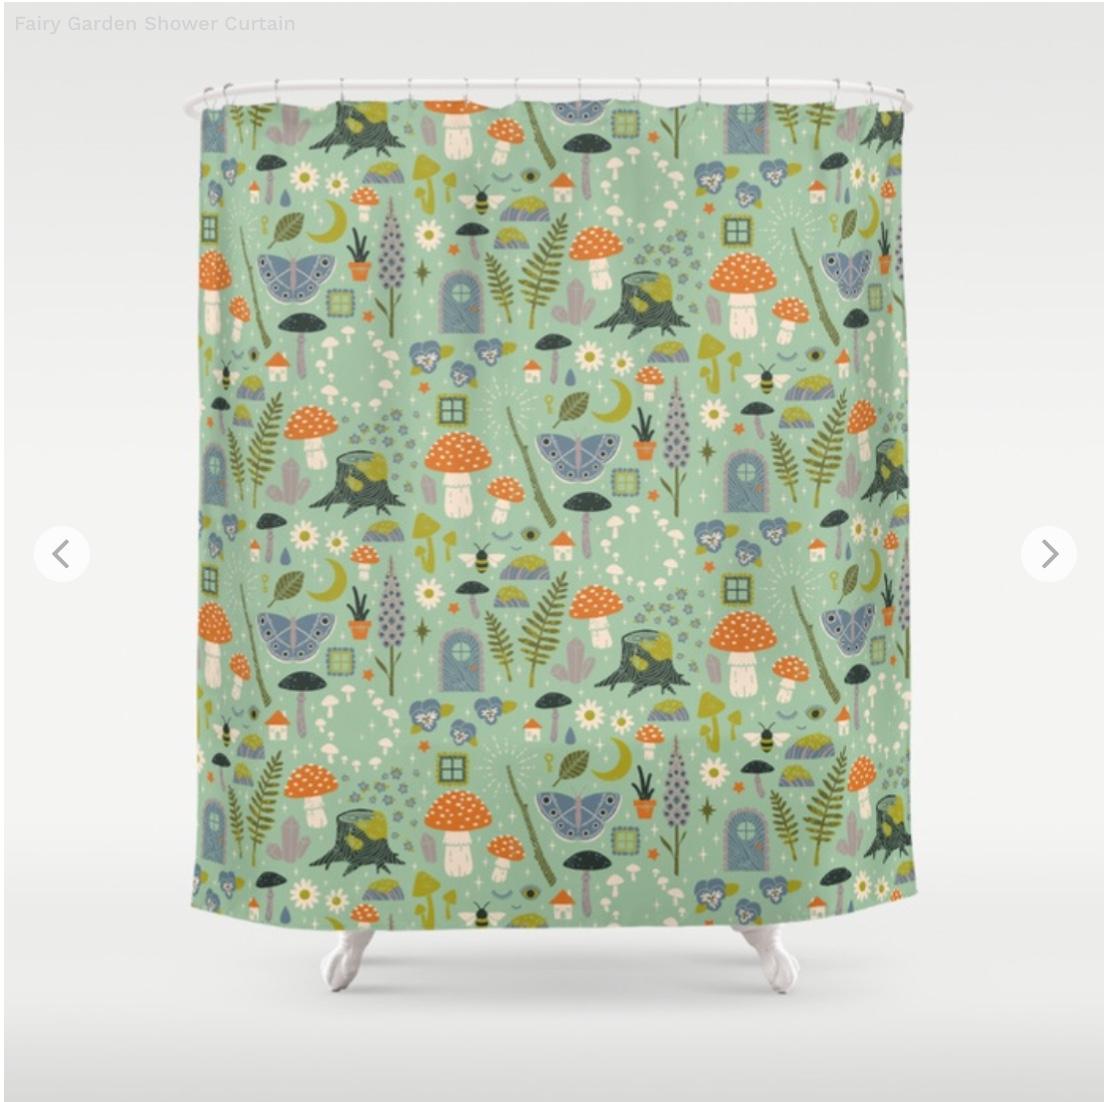 Fairy Garden Shower Curtain by camillechew   Society6